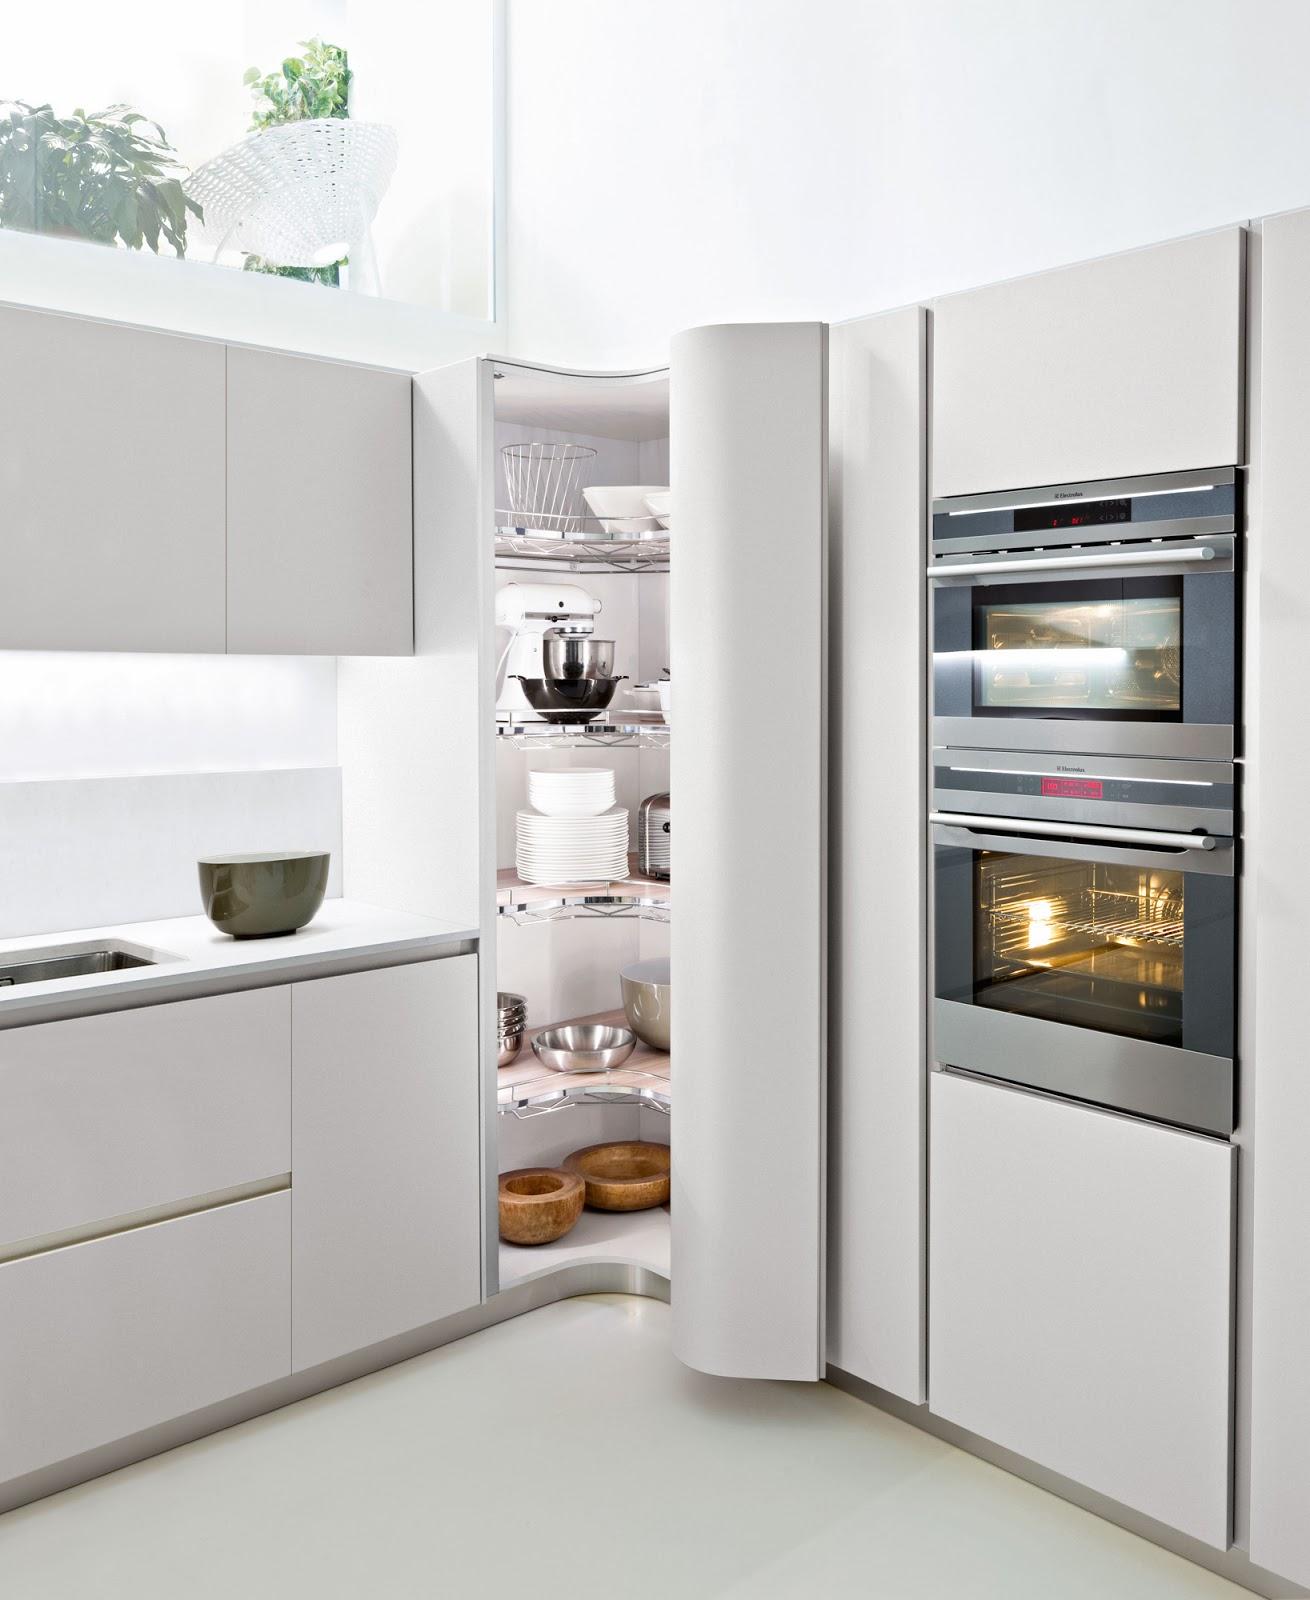 Cucine moderne le migliori soluzioni per arredare la tua - Soluzioni angolo cucina ...